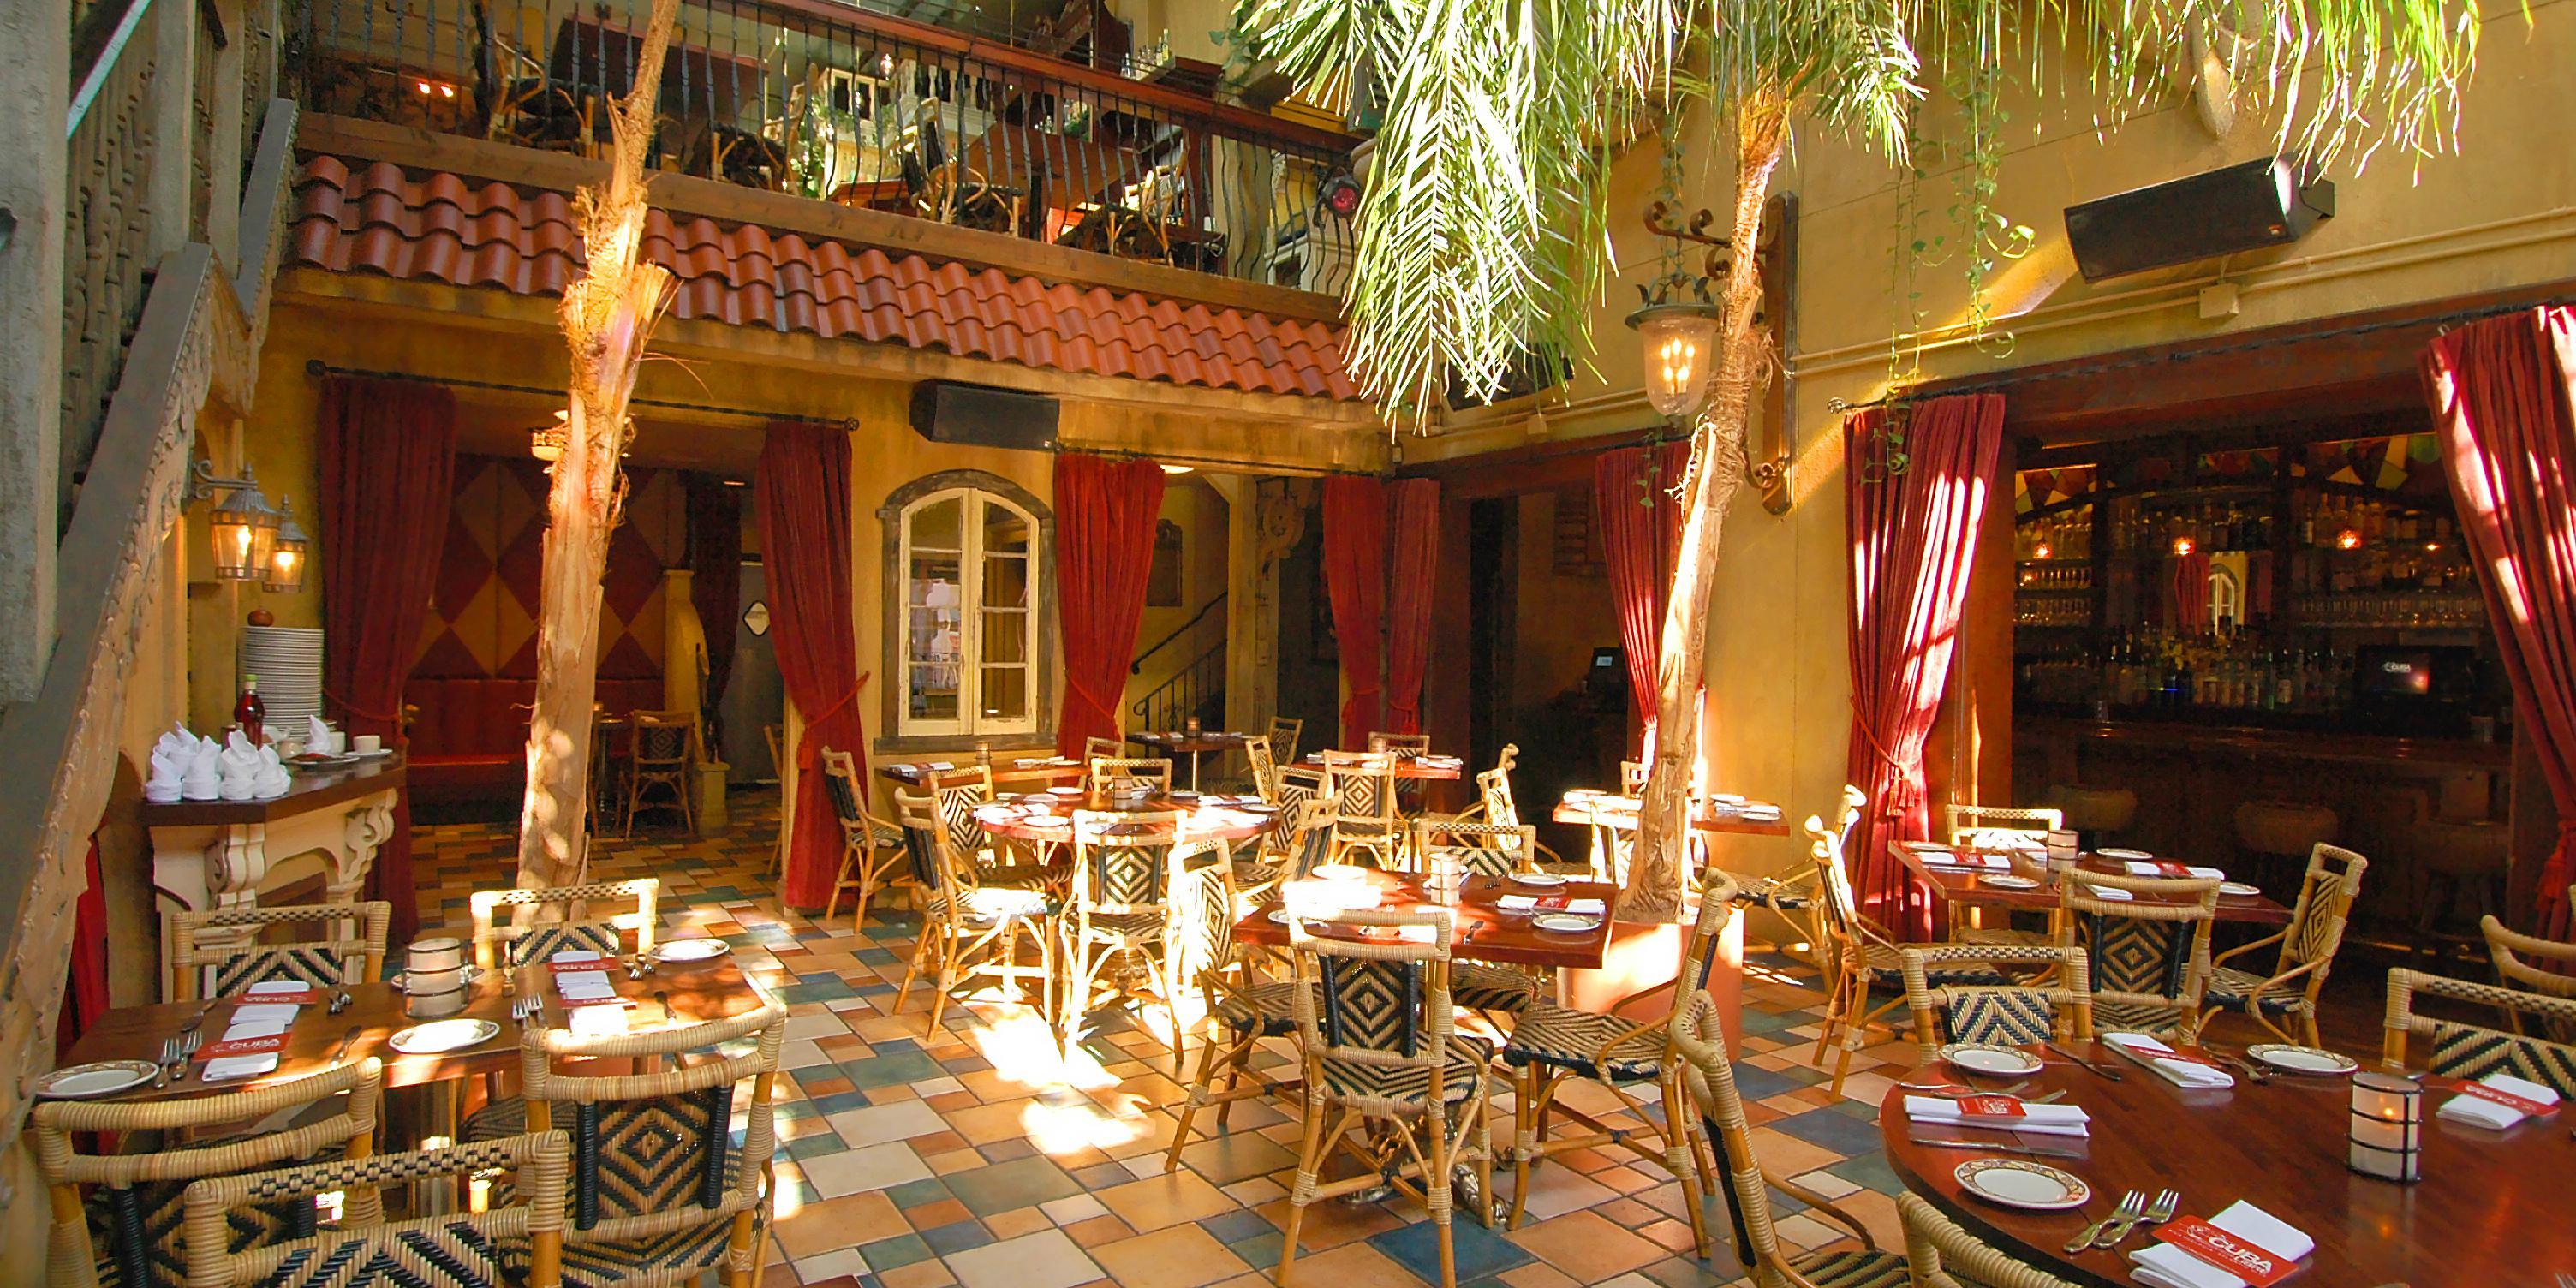 Cuba Libre Restaurant Venue